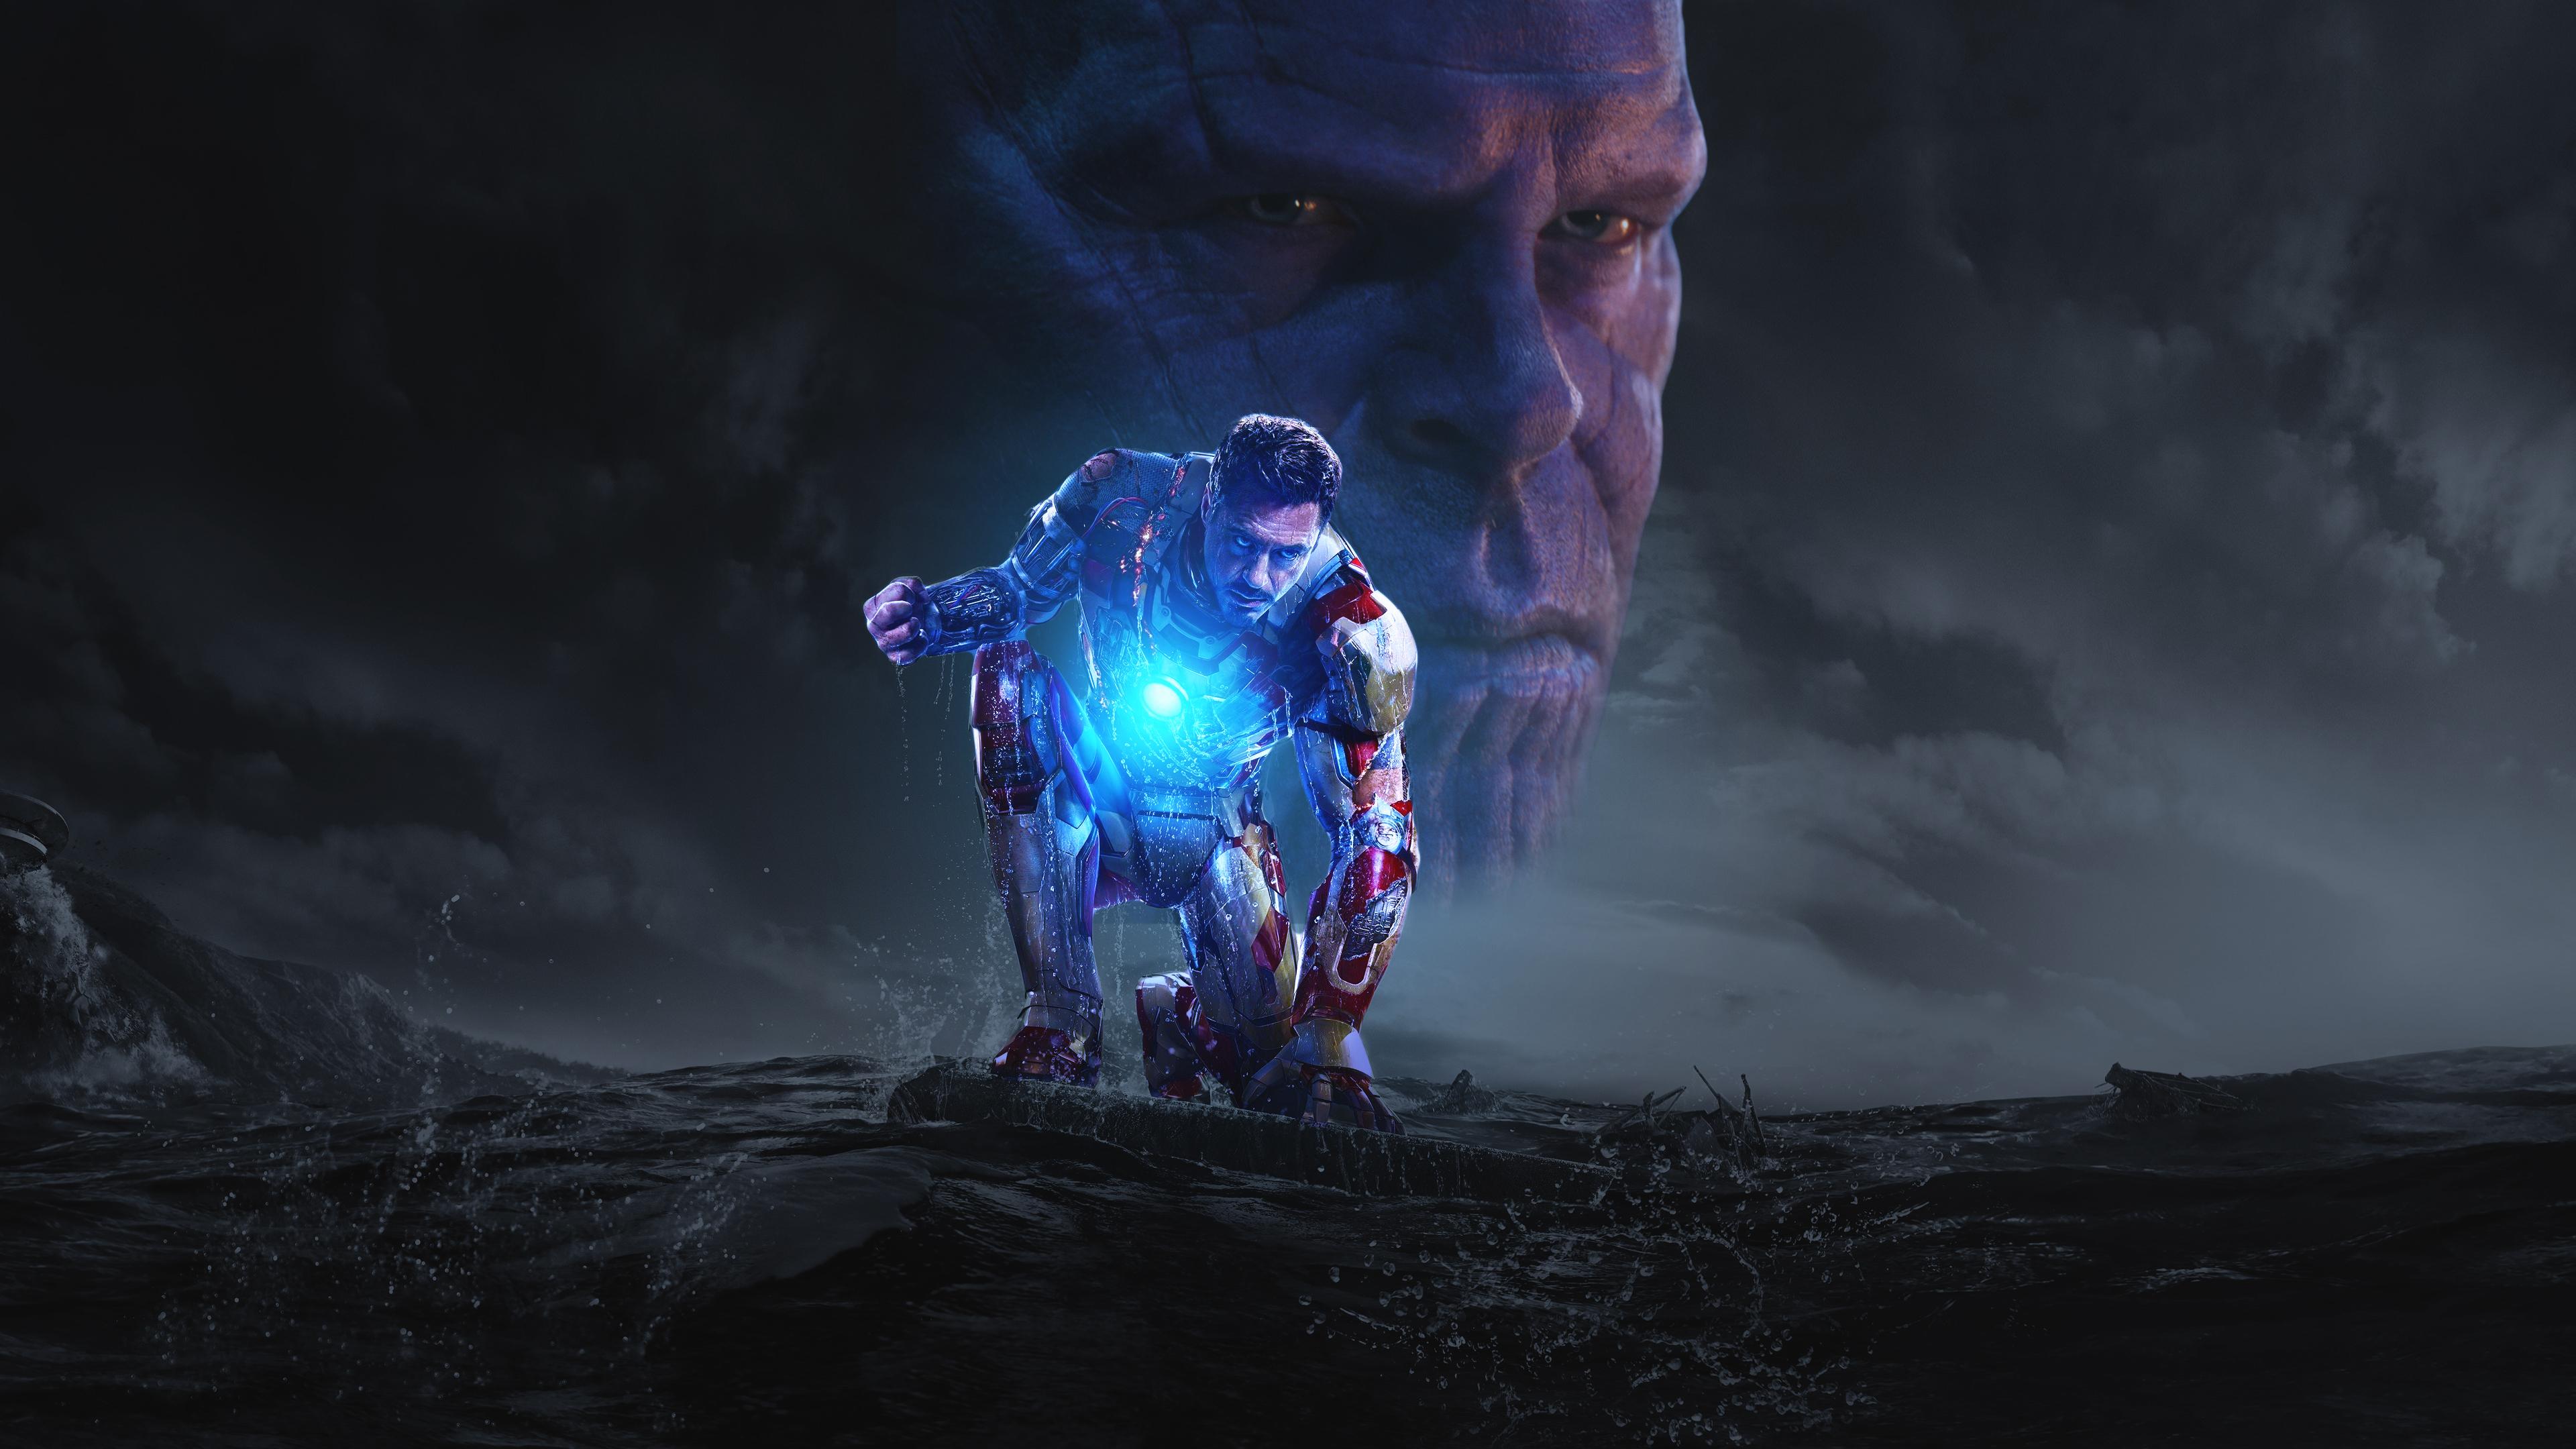 Wallpaper Thanos Avengers Infinity War Artwork Hd: Iron Man And Thanos In Avengers Infinity War, HD